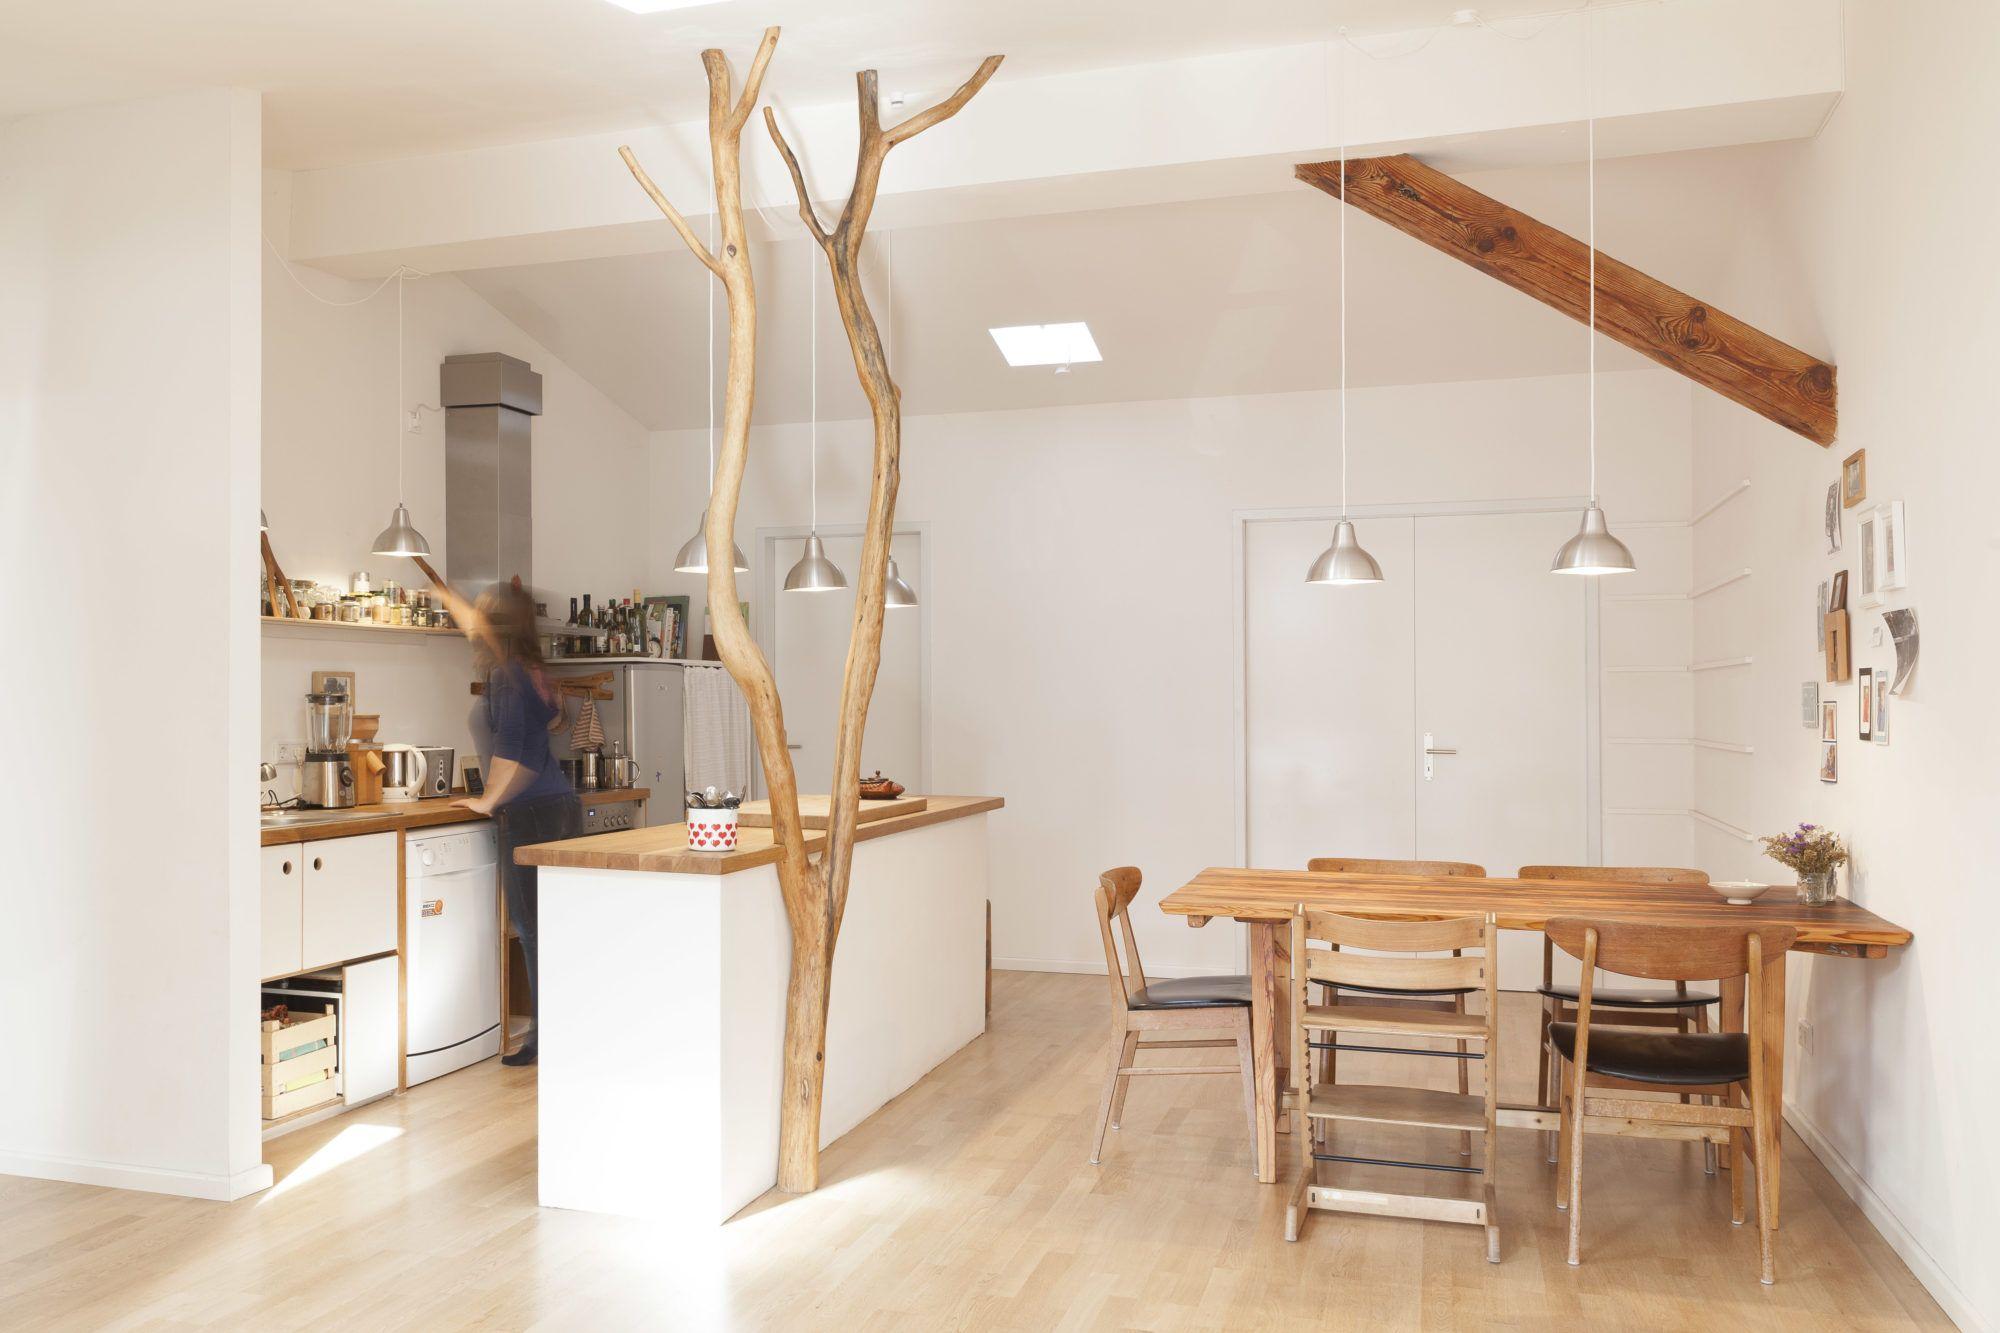 privaträume, berlin ein innenbaum als raumtrenner | ideen rund